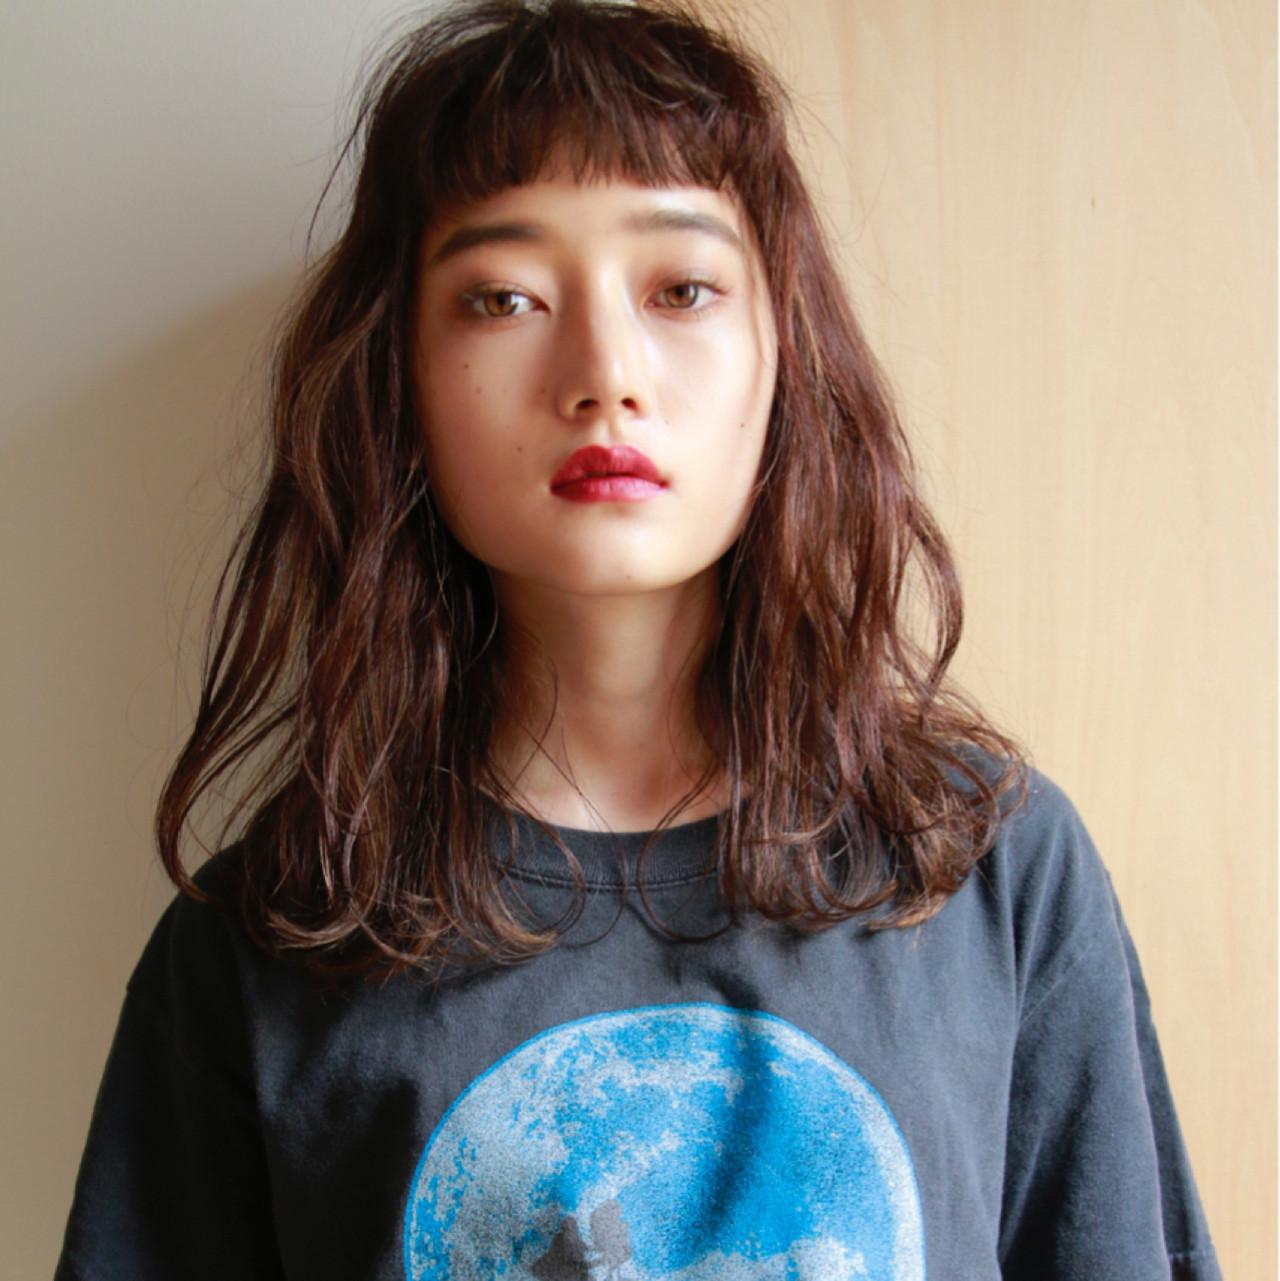 前髪あり 前髪パーマ オン眉 ナチュラル ヘアスタイルや髪型の写真・画像